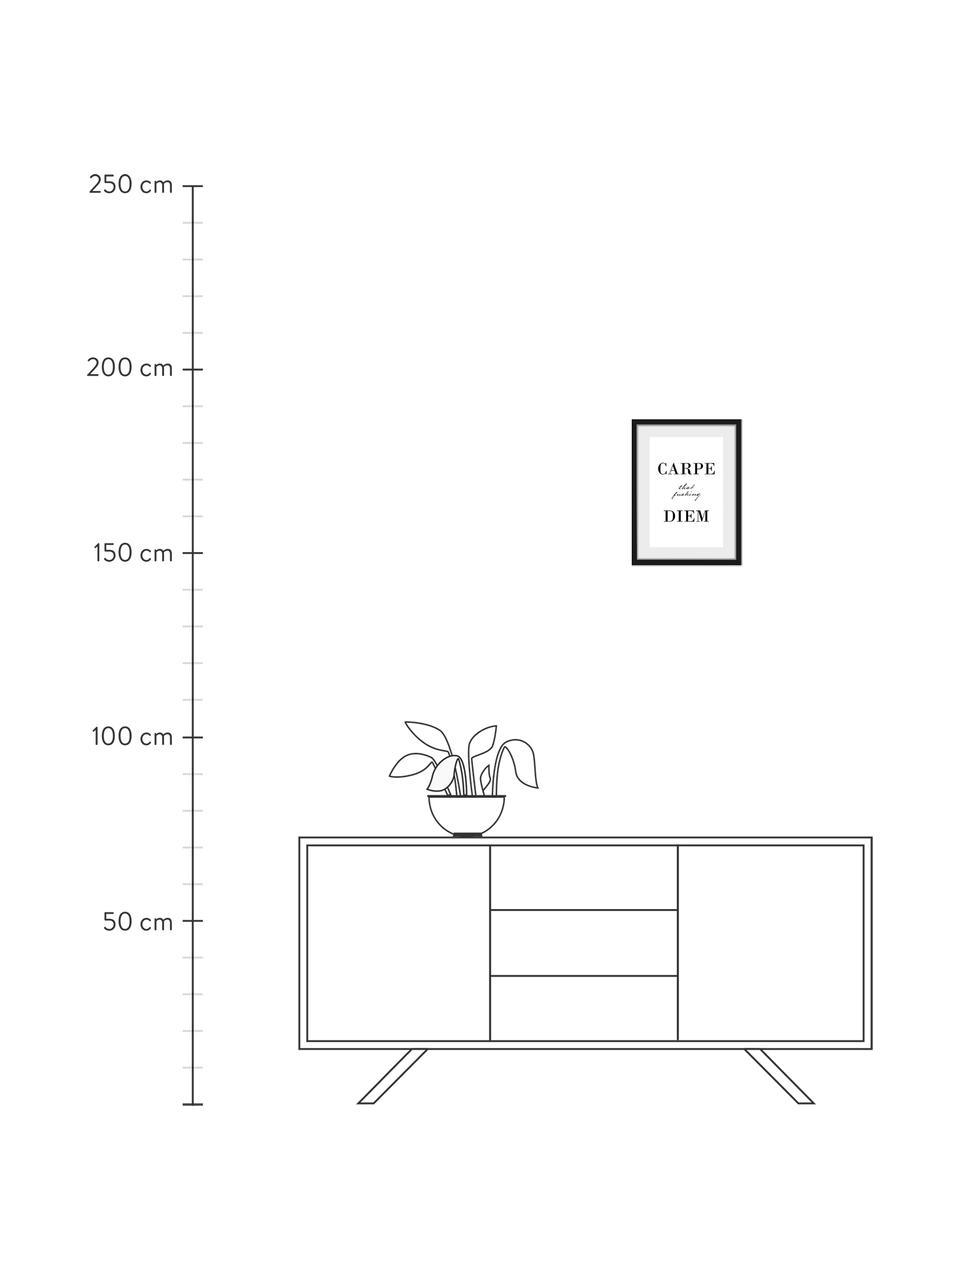 Gerahmter Digitaldruck Carpe Diem, Bild: Digitaldruck, Rahmen: Echtholzrahmen, Front: Acrylglas, Rückseite: Mitteldichte Holzfaserpla, Bild: Schwarz, Weiß Rahmen: Schwarz, 30 x 40 cm